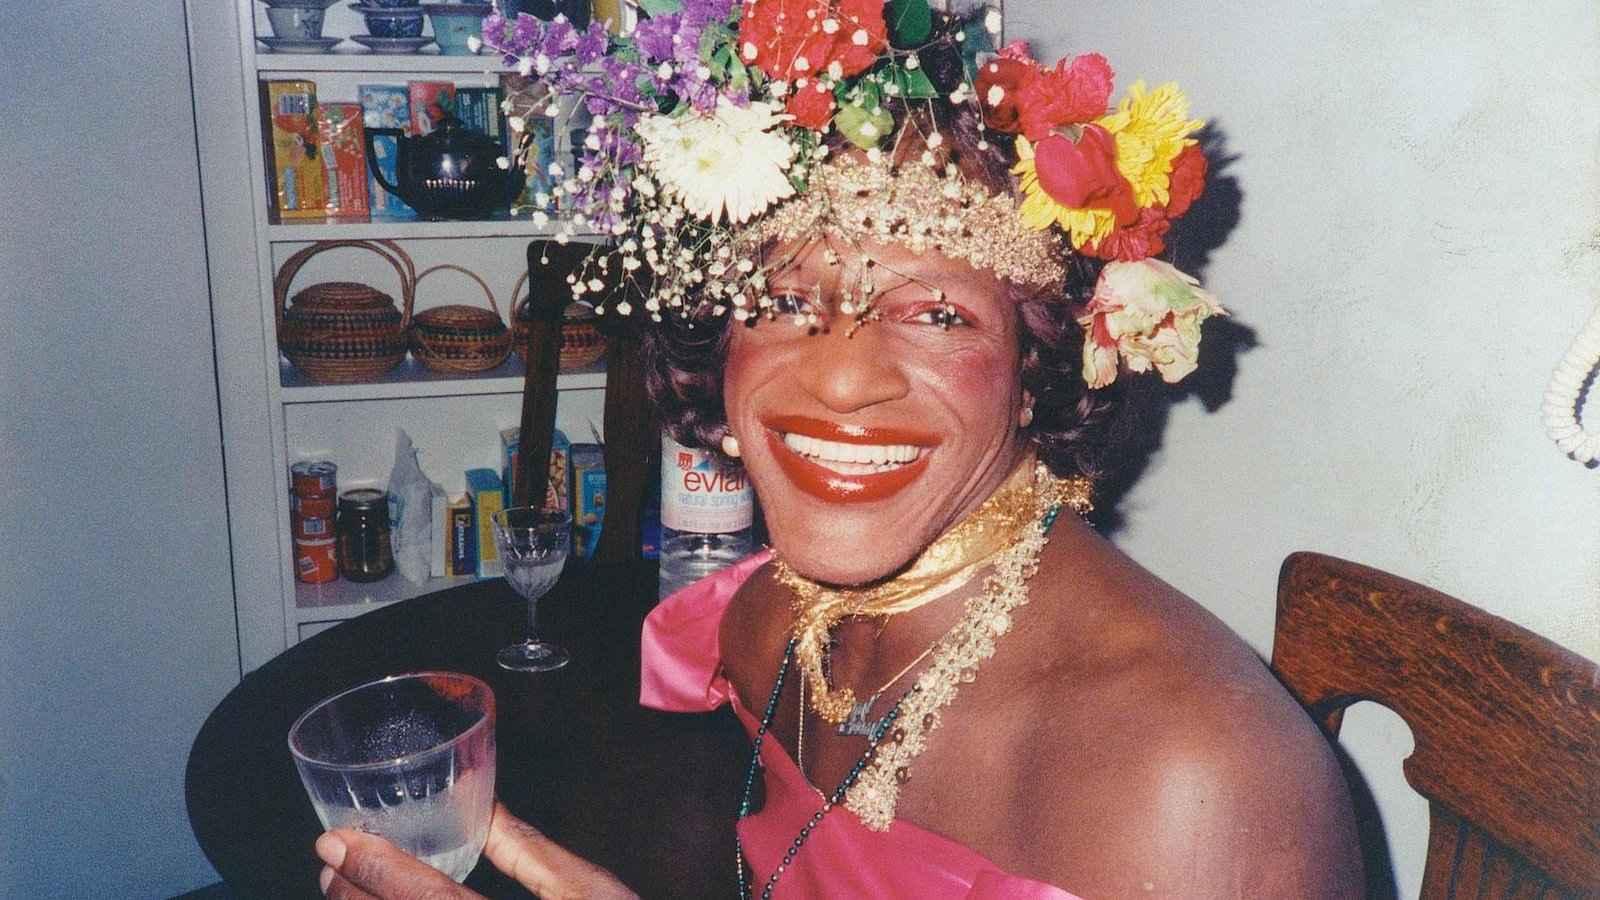 Marsha P Johnson era uma referência na cena drag de Nova York e um ícone gay